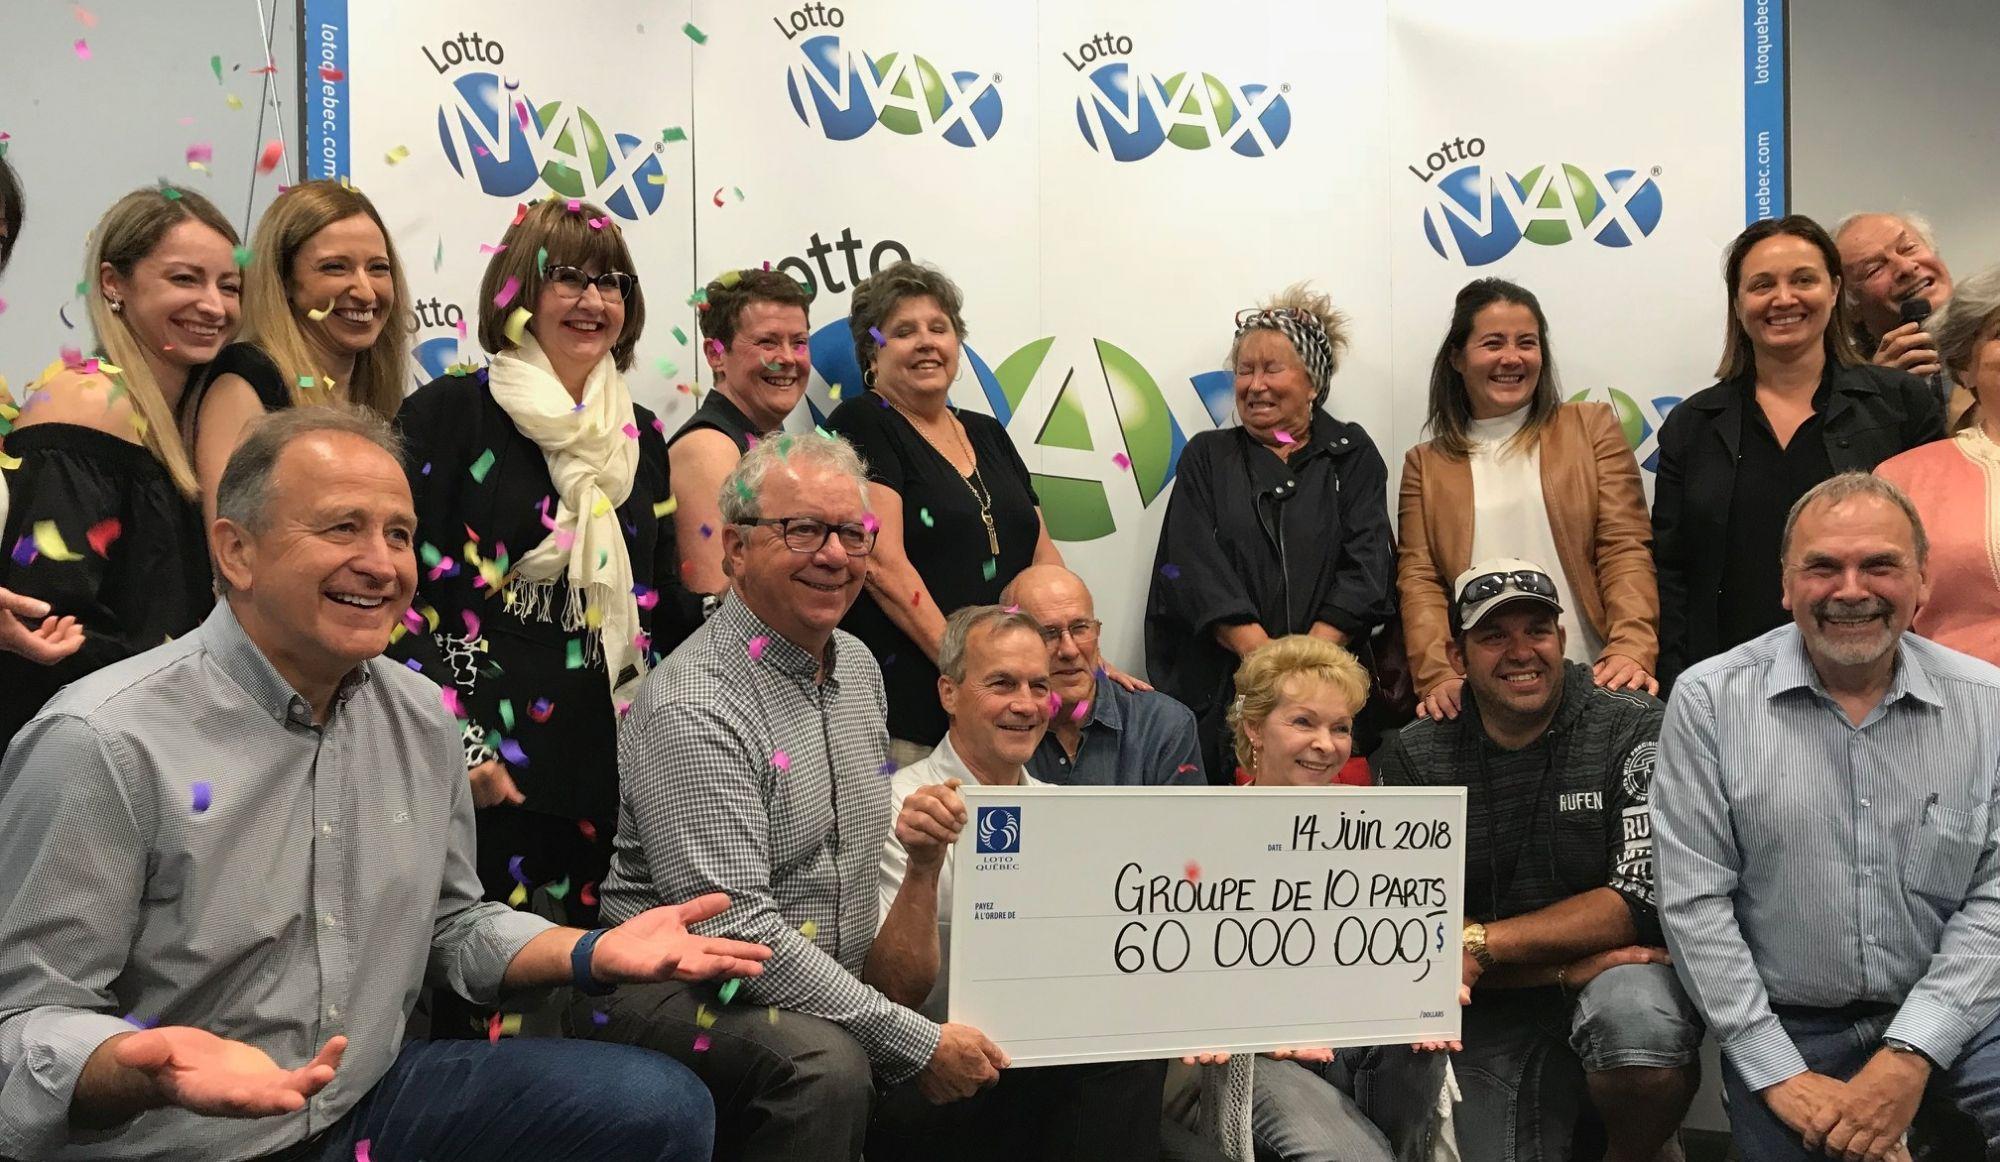 Les dix gagnants du gros lot du Lotto Max ont reçu leur chèque !